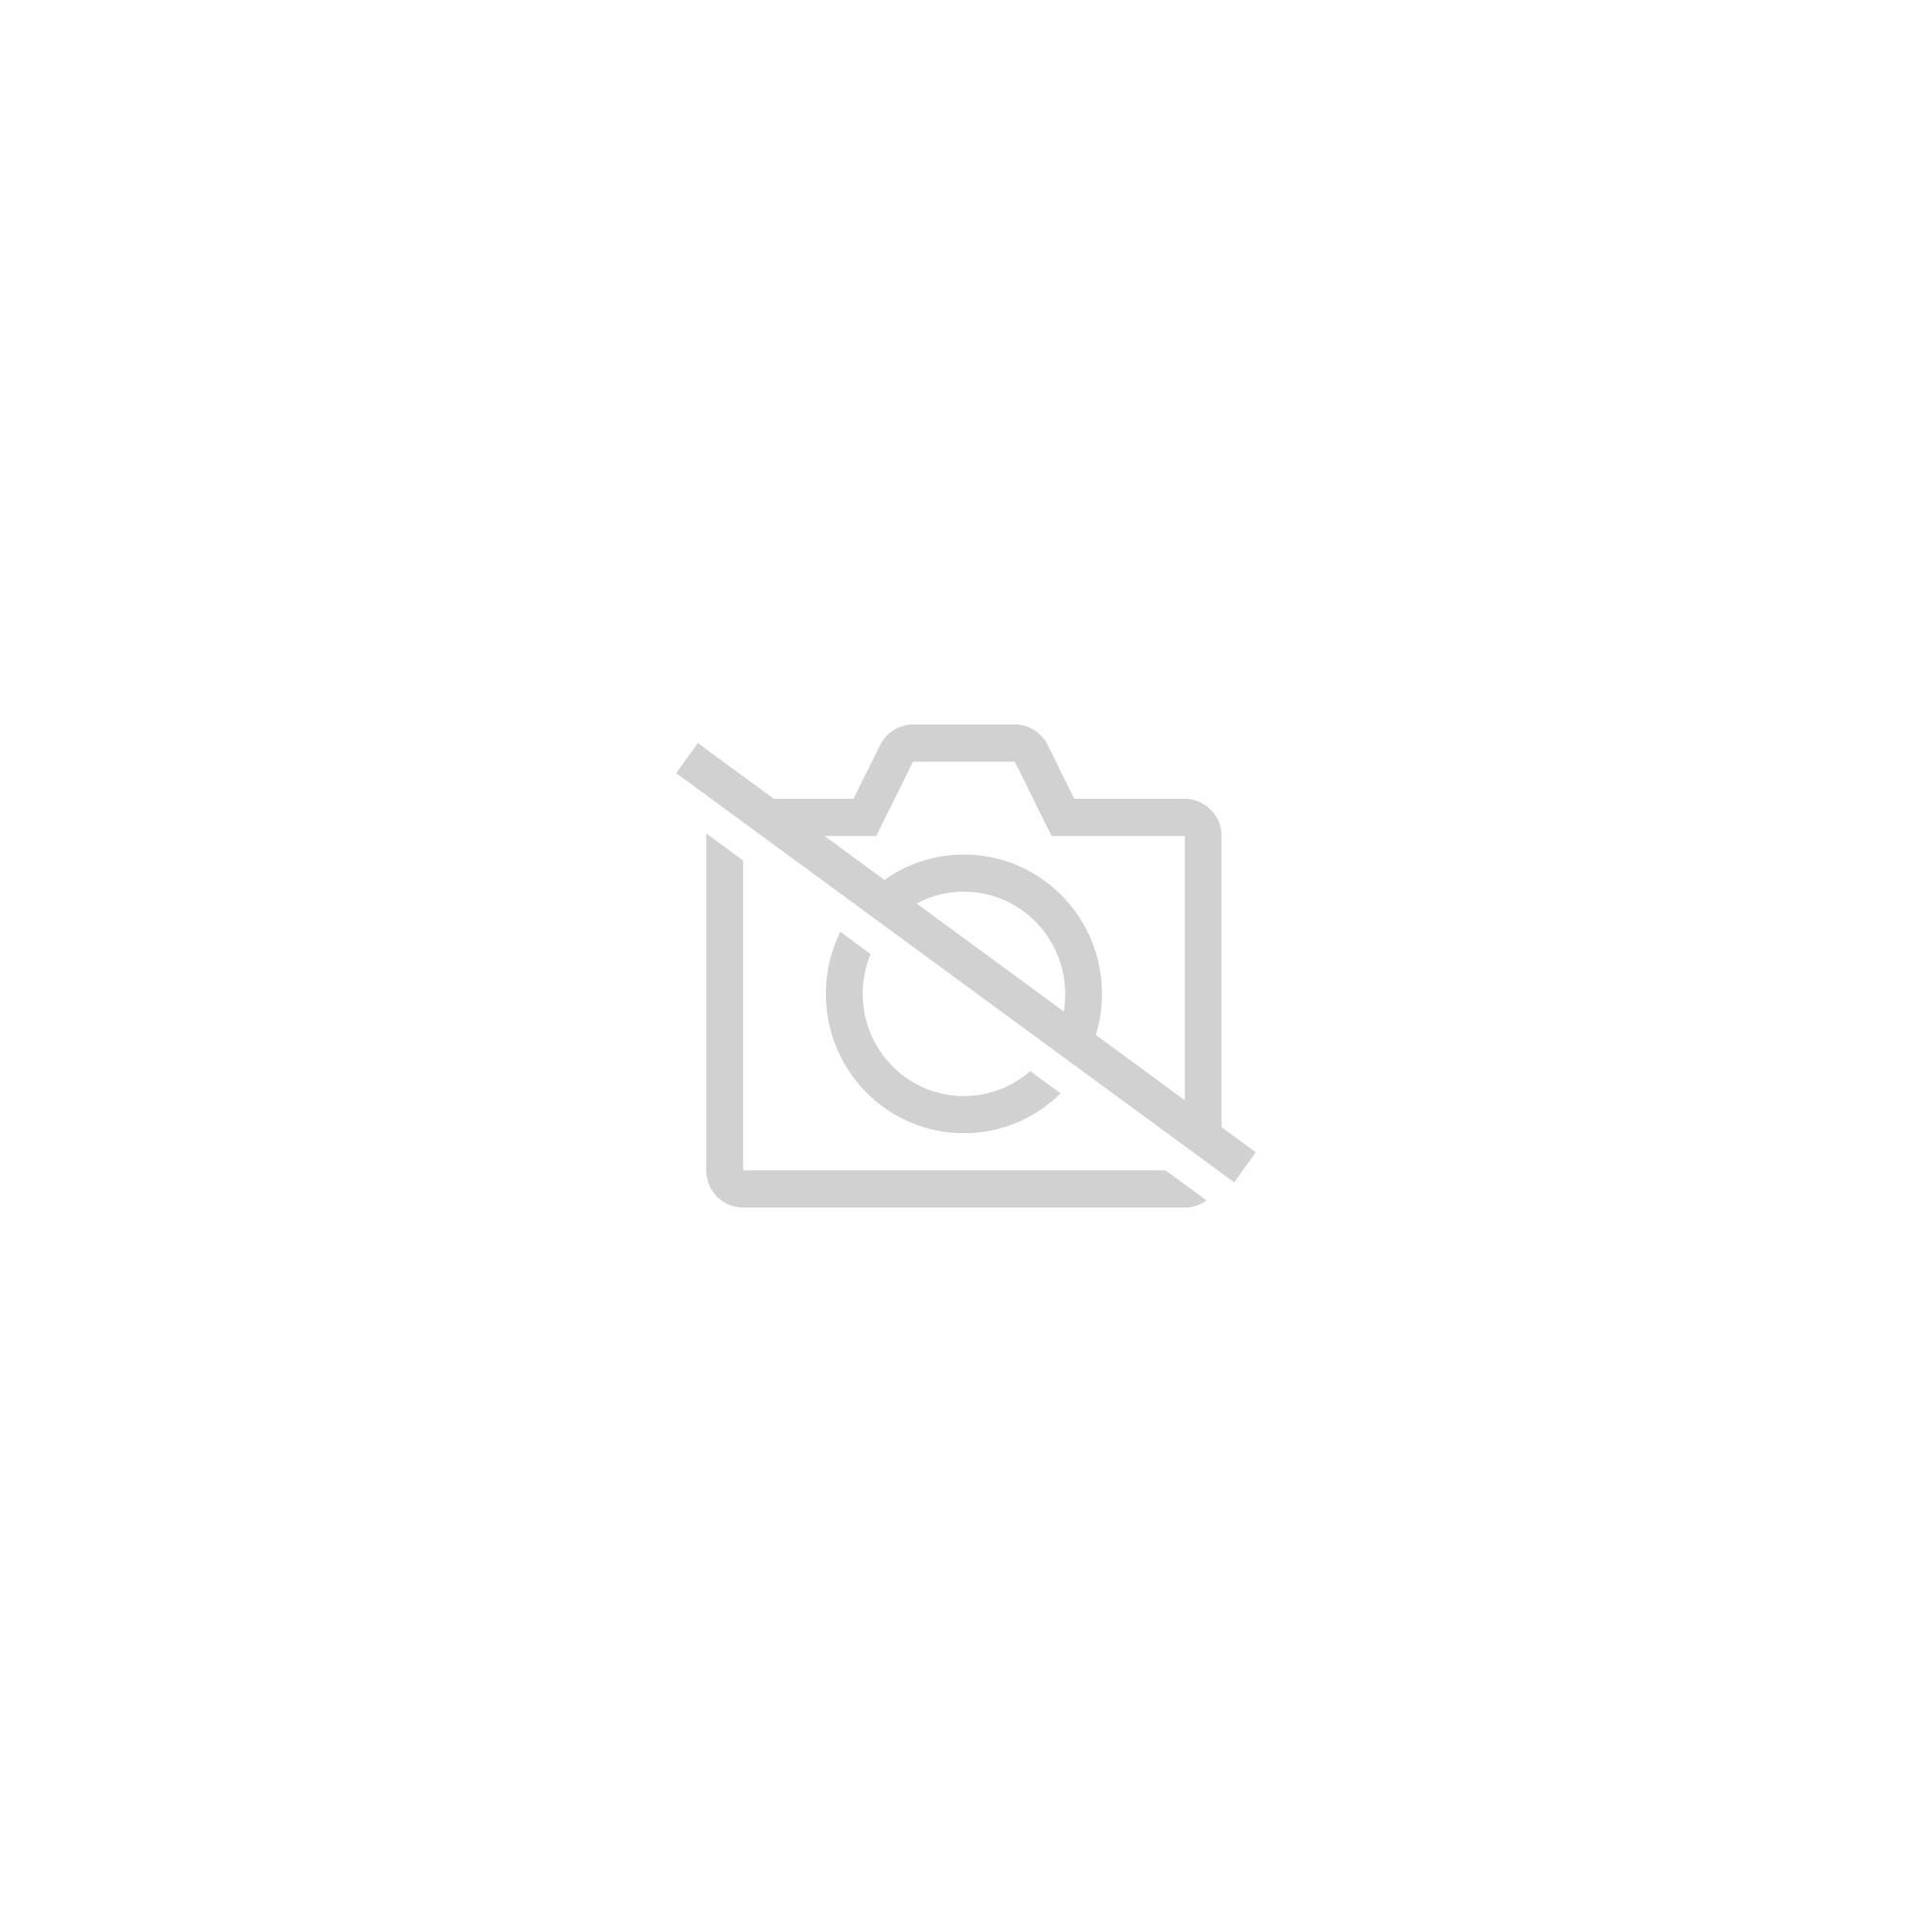 Lot De 5 Lames De Rasoir Gillette Fusion